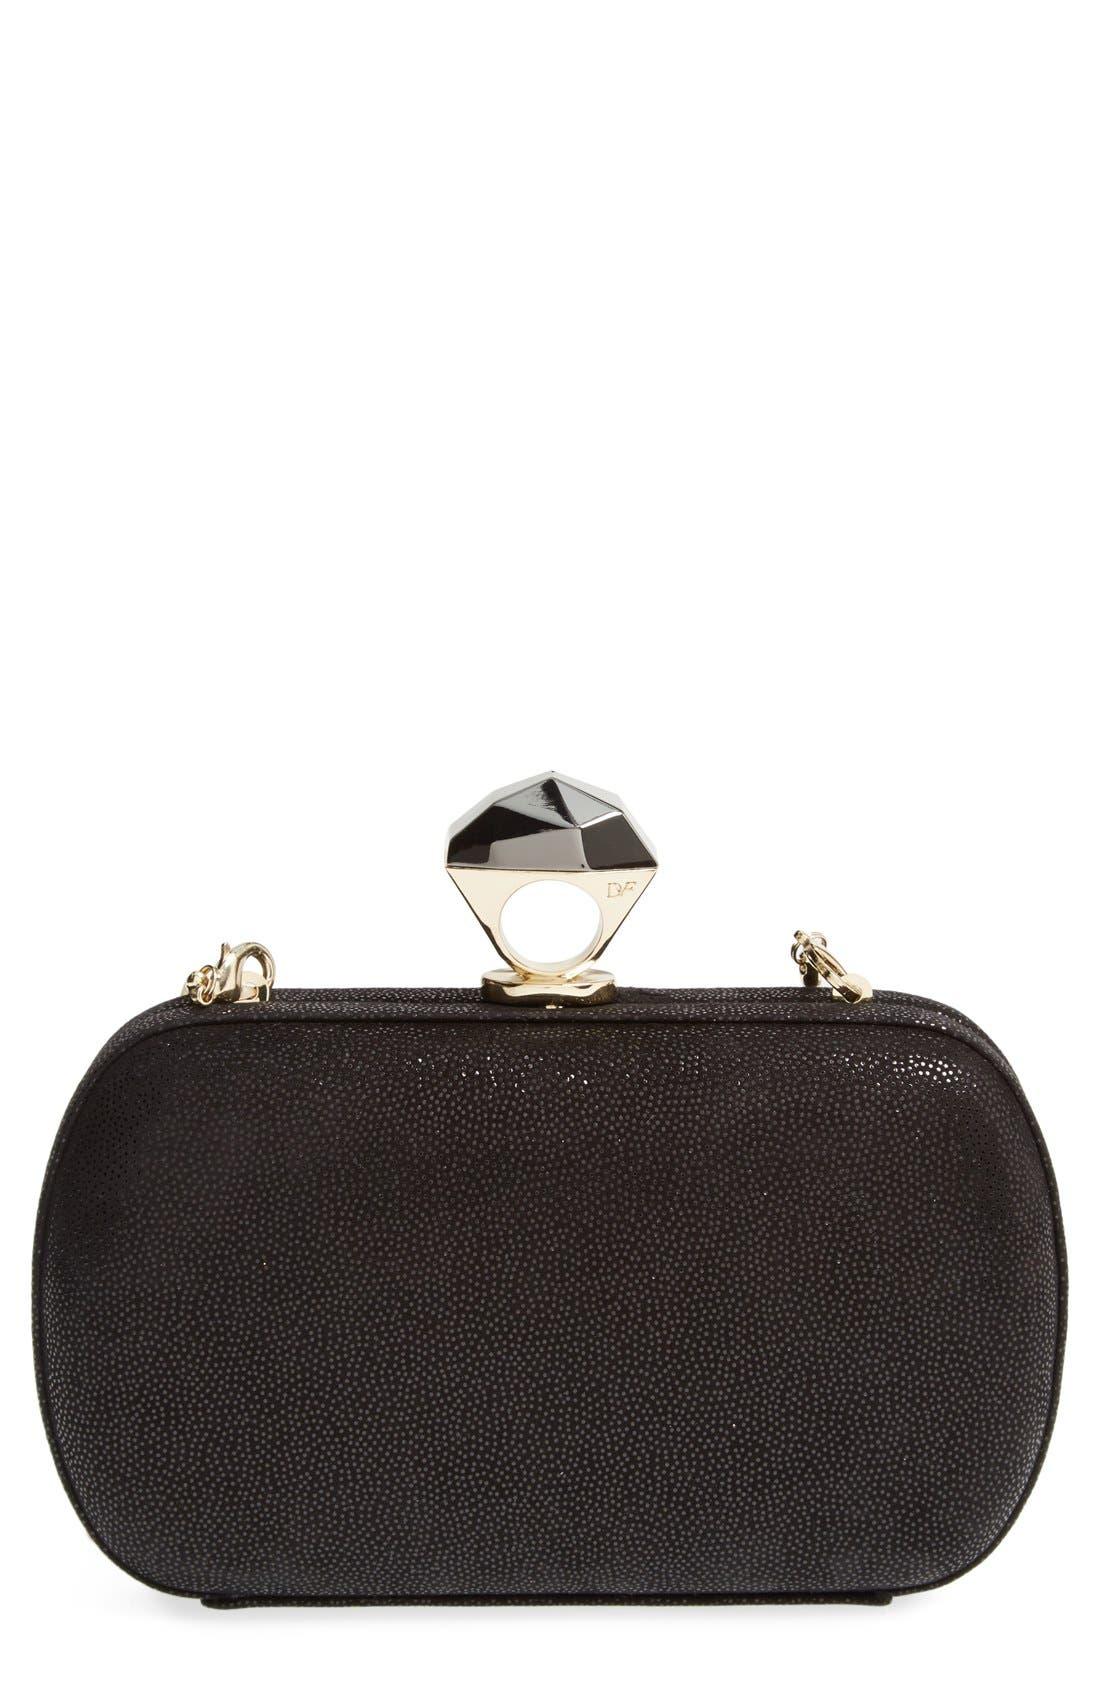 Main Image - Diane von Furstenberg 'Powerstone Sparkle Caviar' Leather Minaudiere